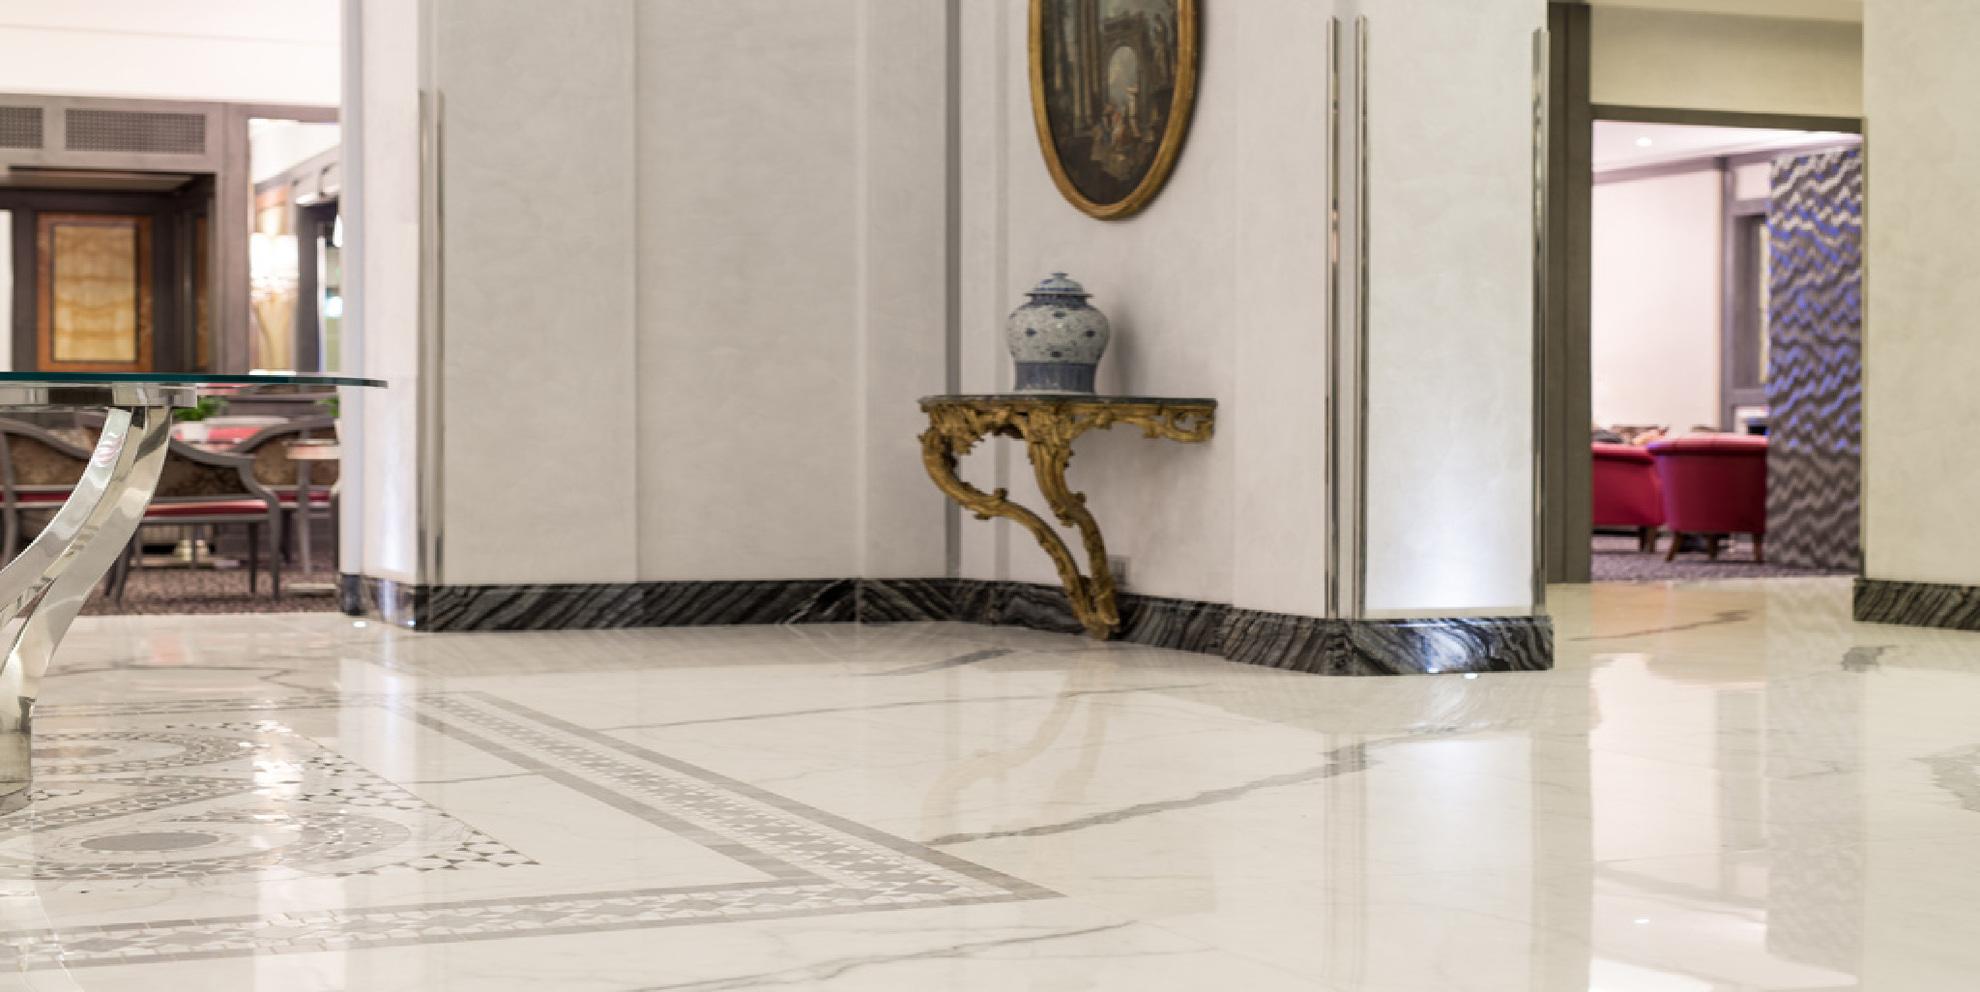 Piastrelle grandi formati effetto marmo superfici e - Piastrelle grandi formati prezzi ...